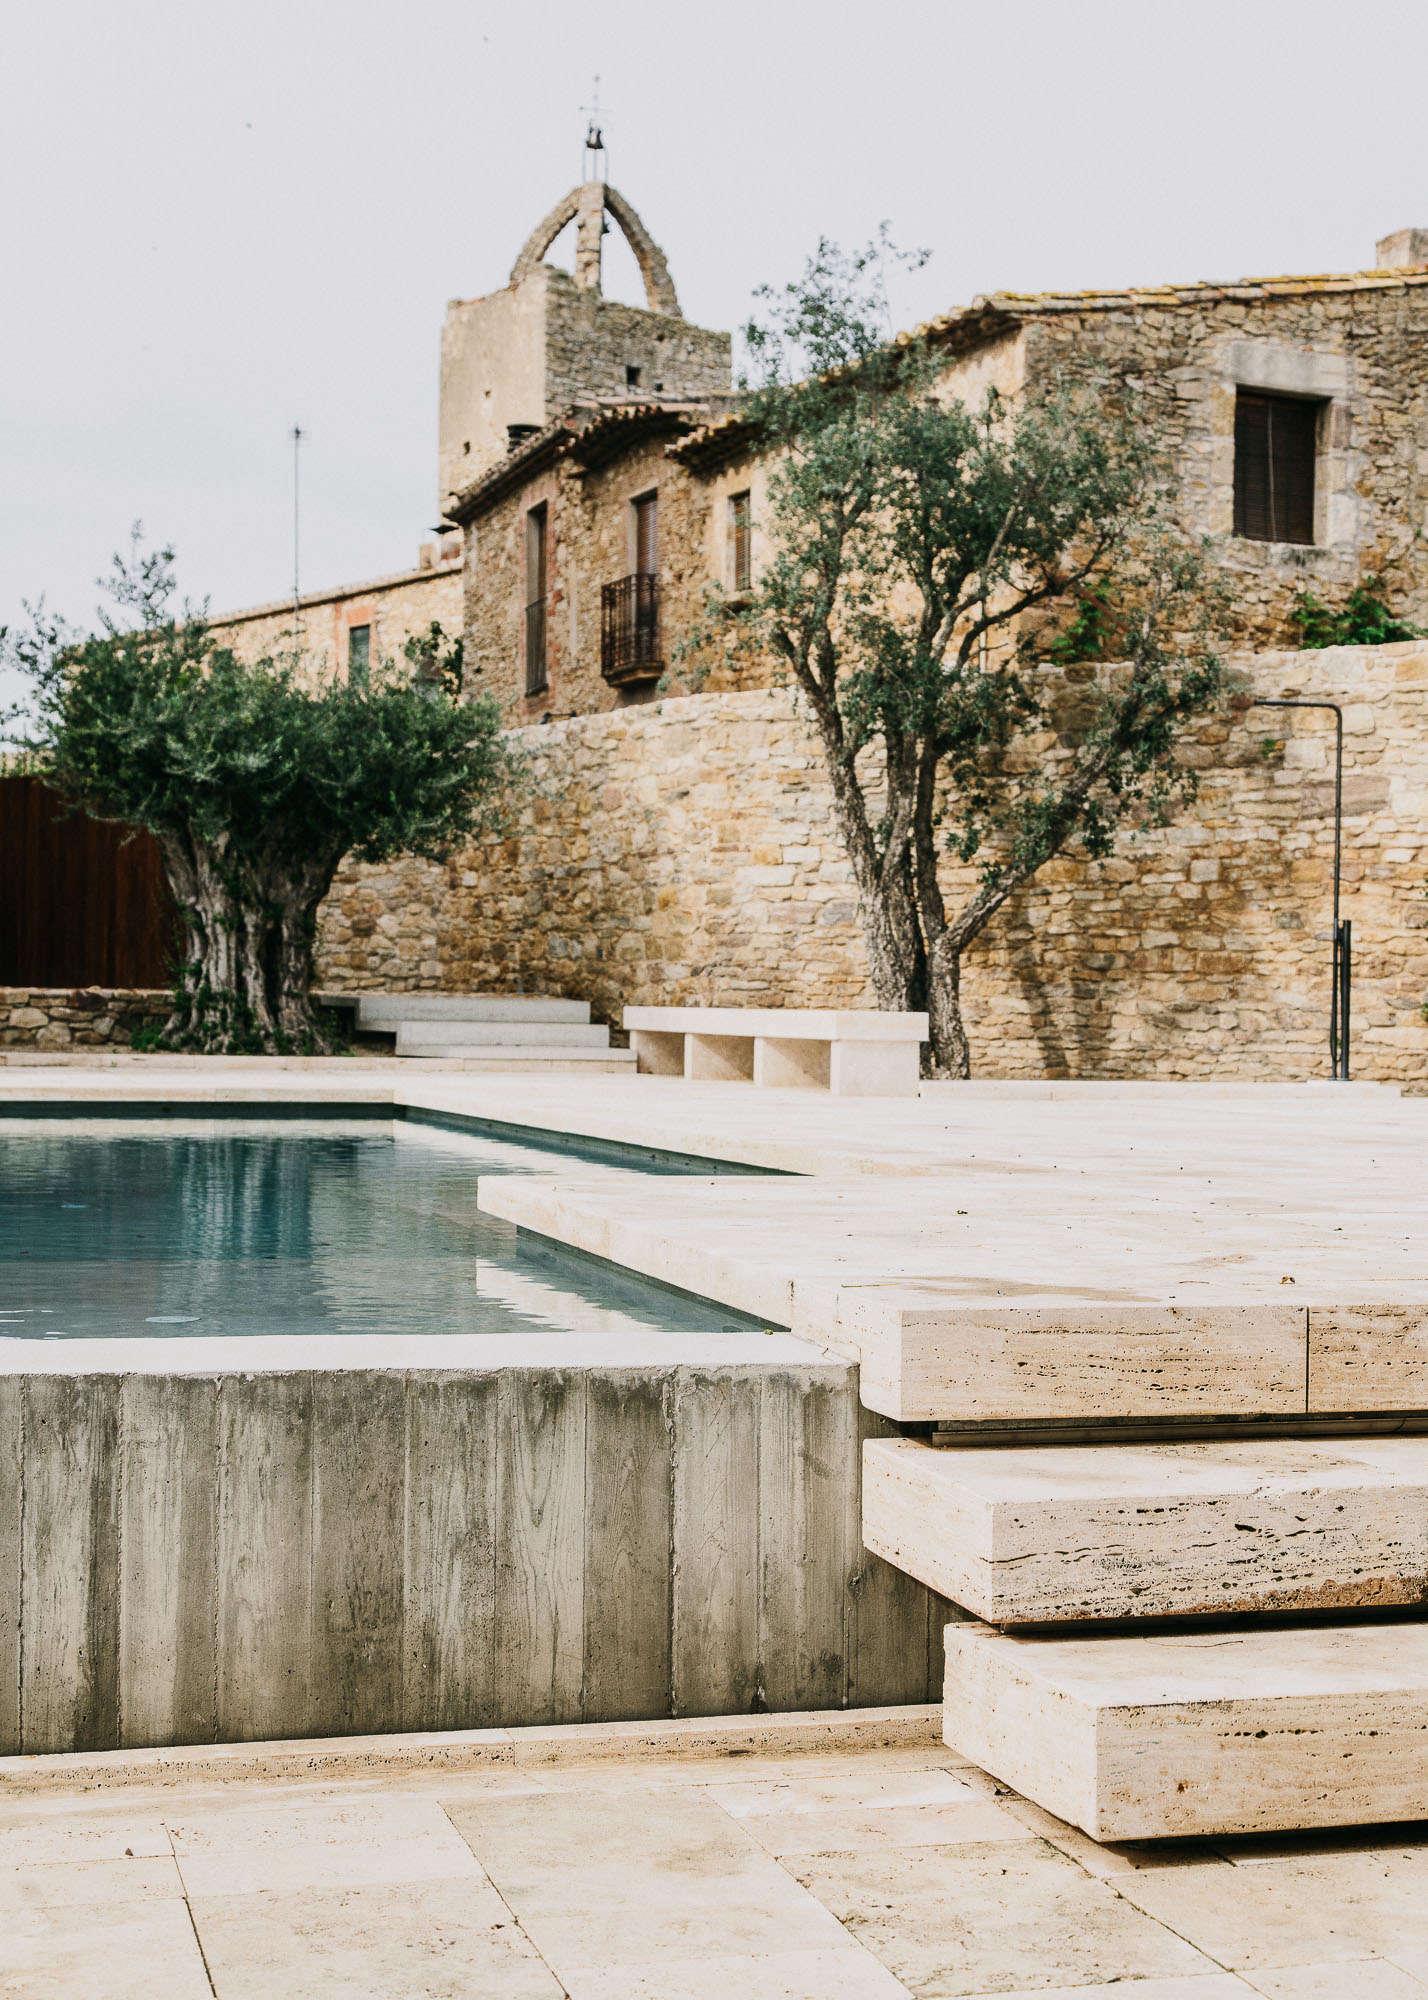 Castell-de-peratallada-pool-gardenista-4